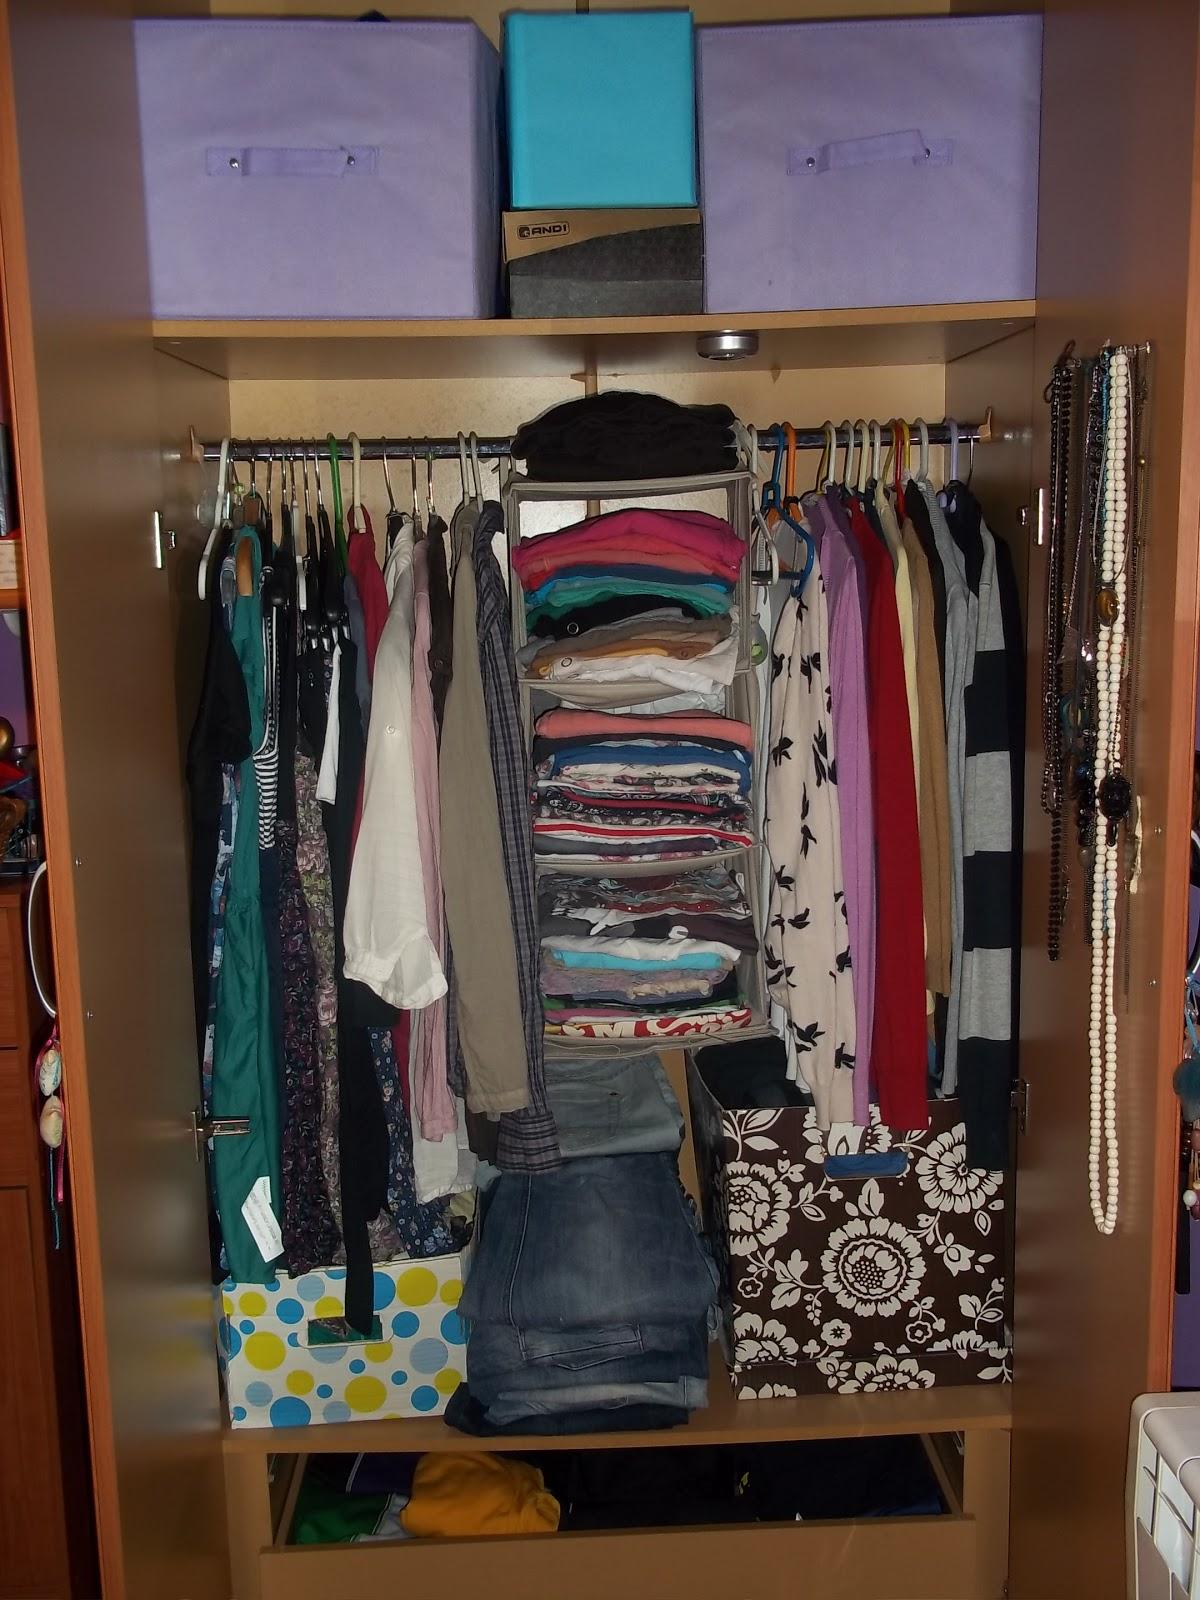 Casas cocinas mueble organizar armario empotrado - Organizar armarios empotrados ...